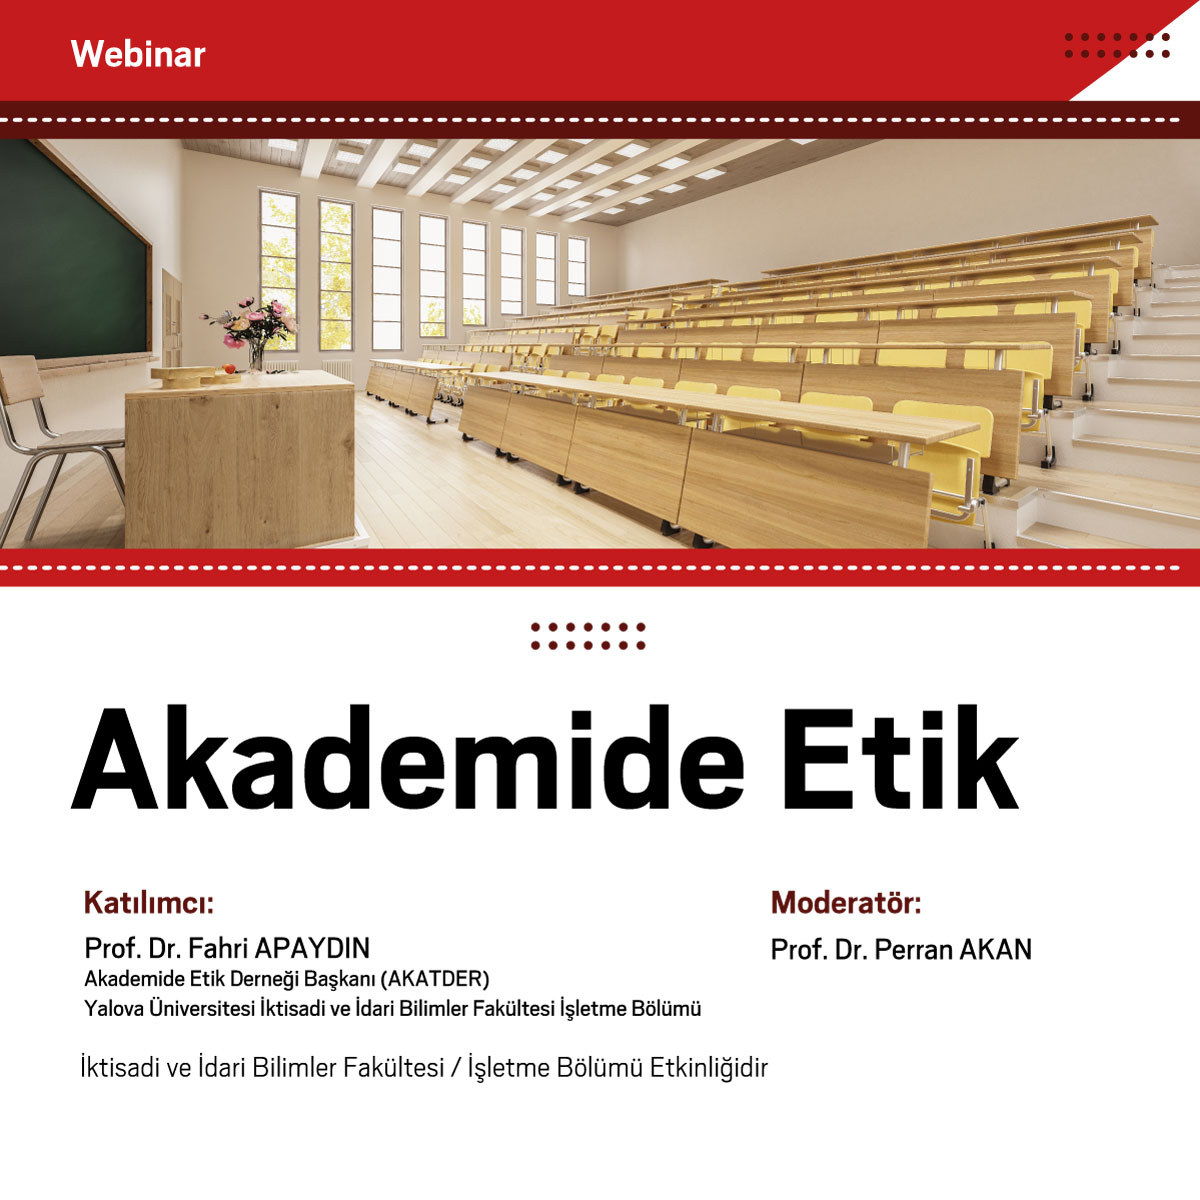 Akademide_Etik_pc